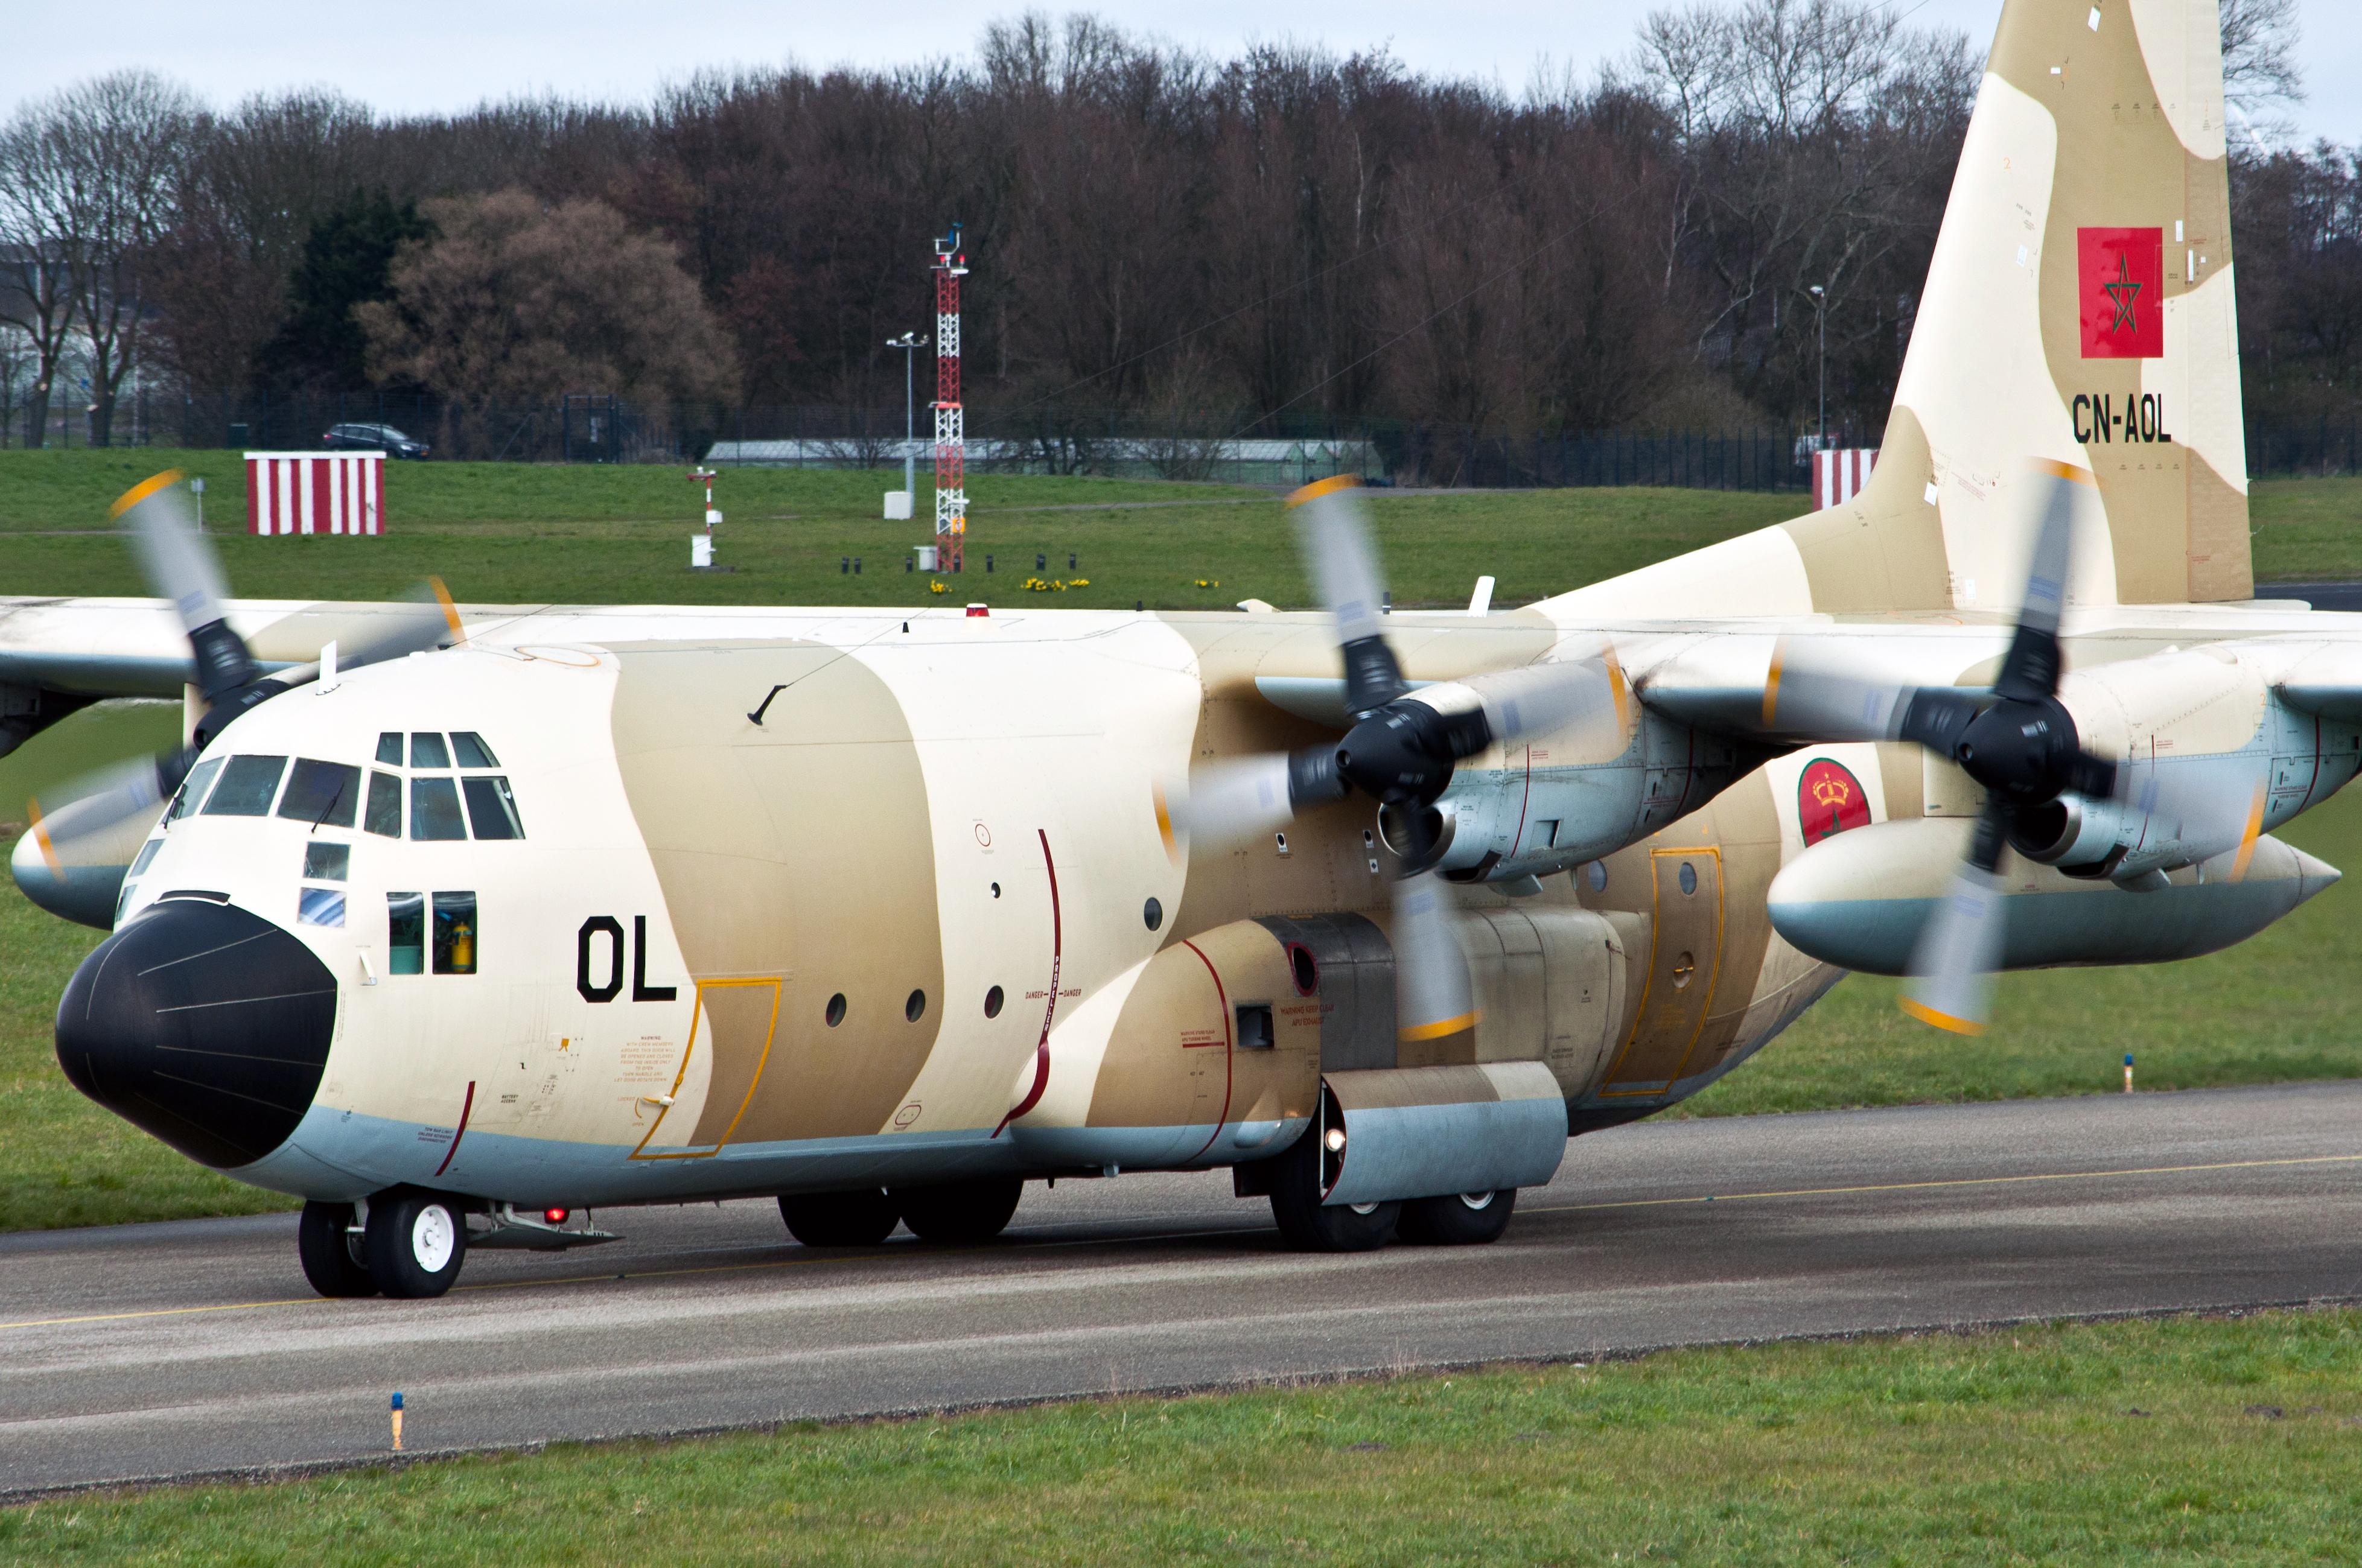 FRA: Photos d'avions de transport - Page 27 160328045108560927